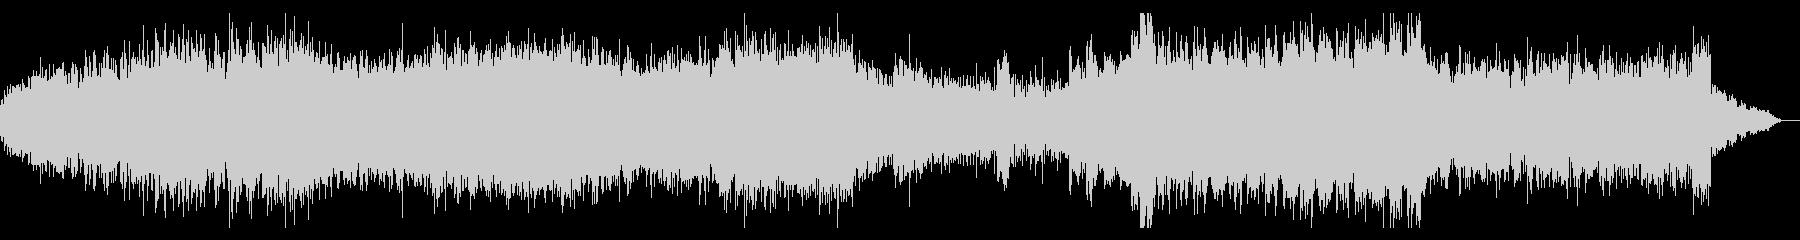 シネマティックなテクノミュージックの未再生の波形